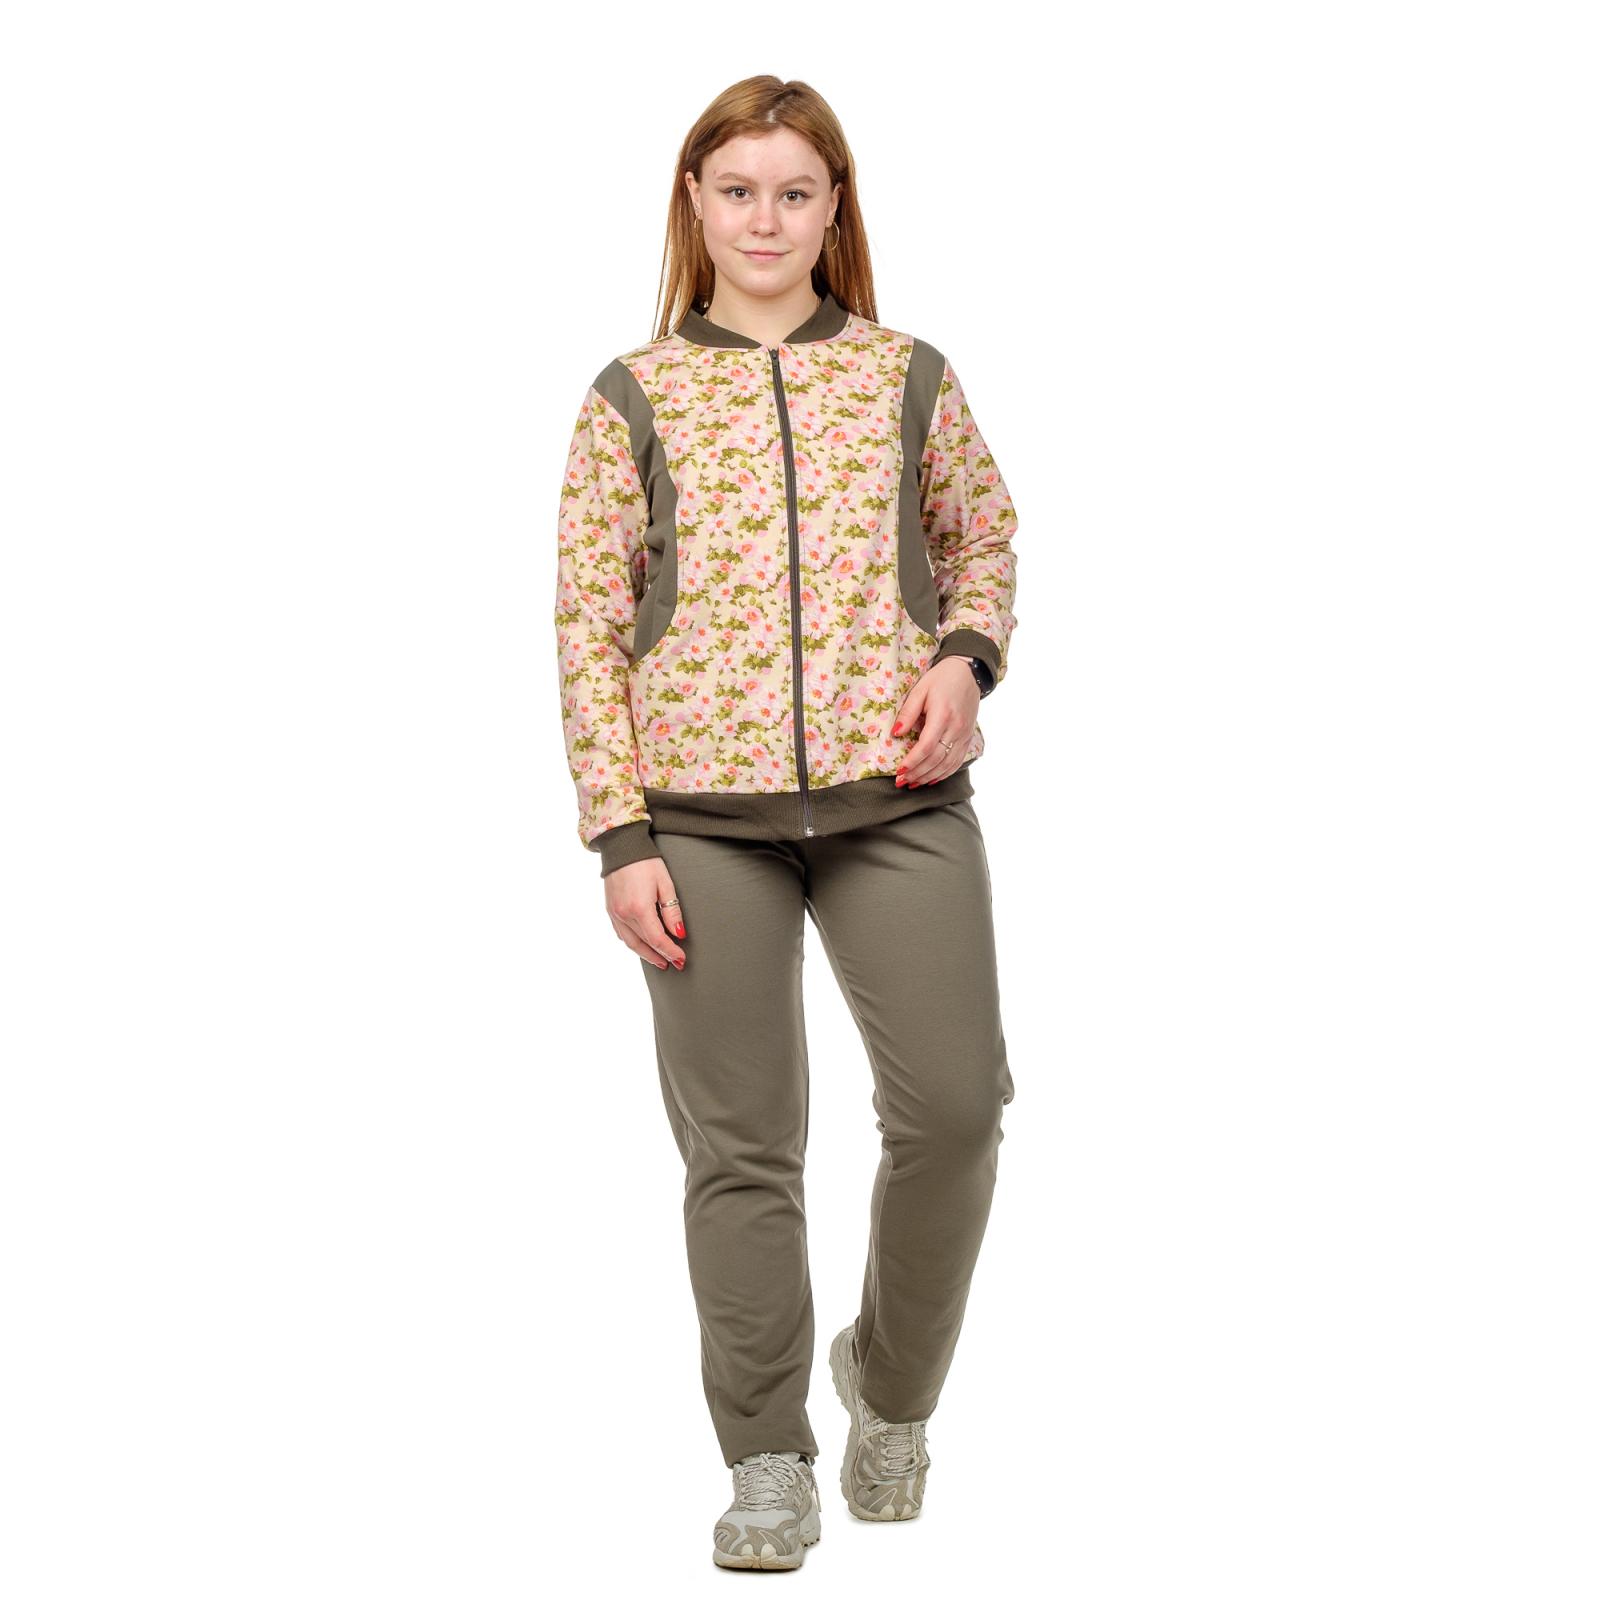 Костюм (кофта+брюки) Желтый с цветами М-0034Ж